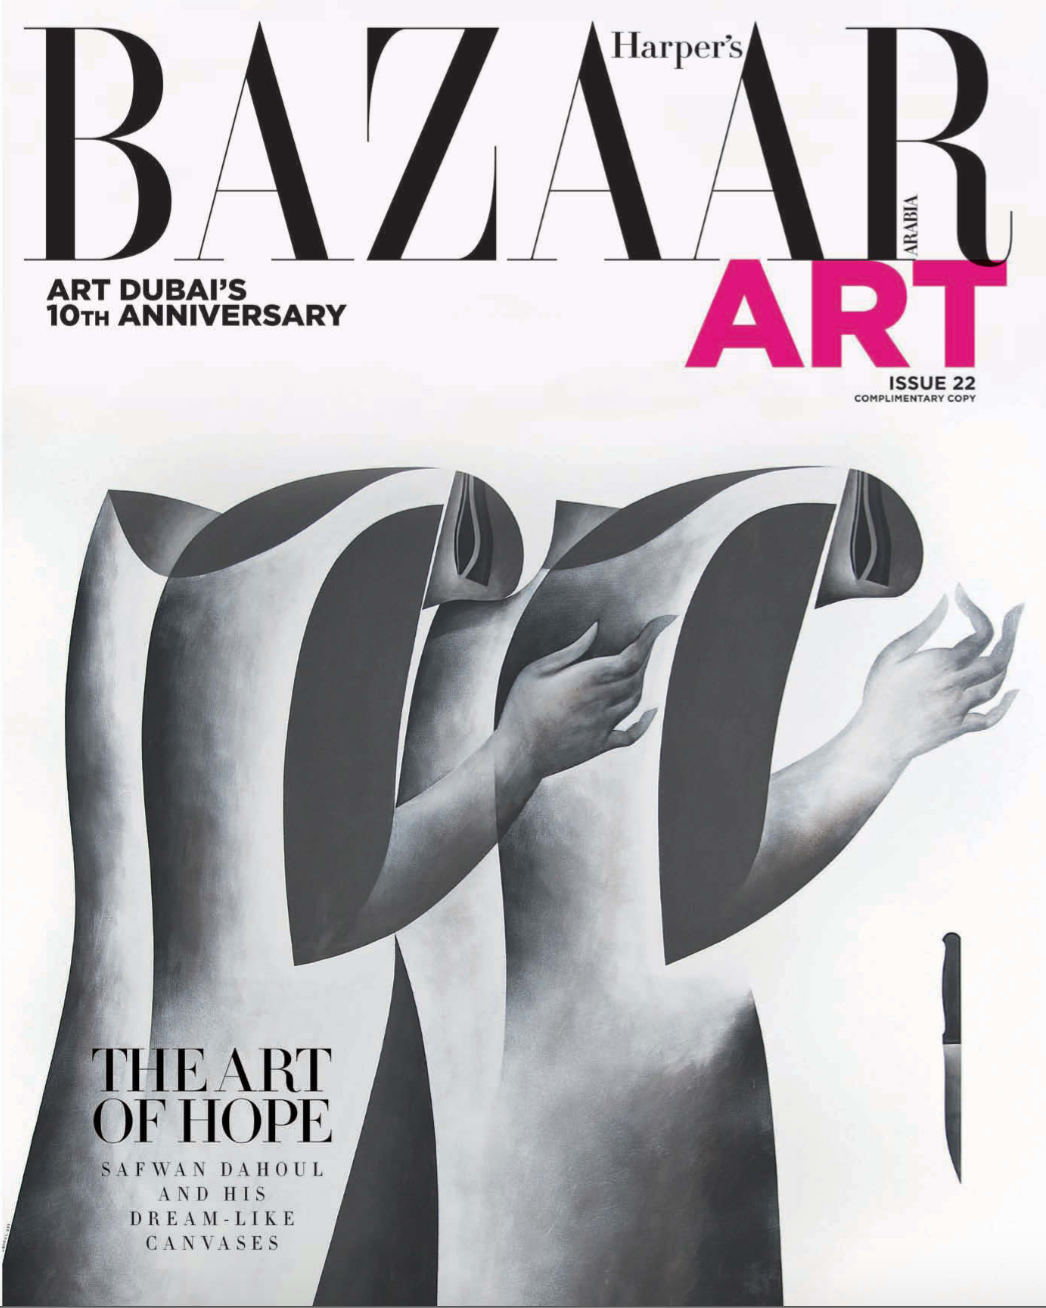 Harper's Bazaar Arabia Art